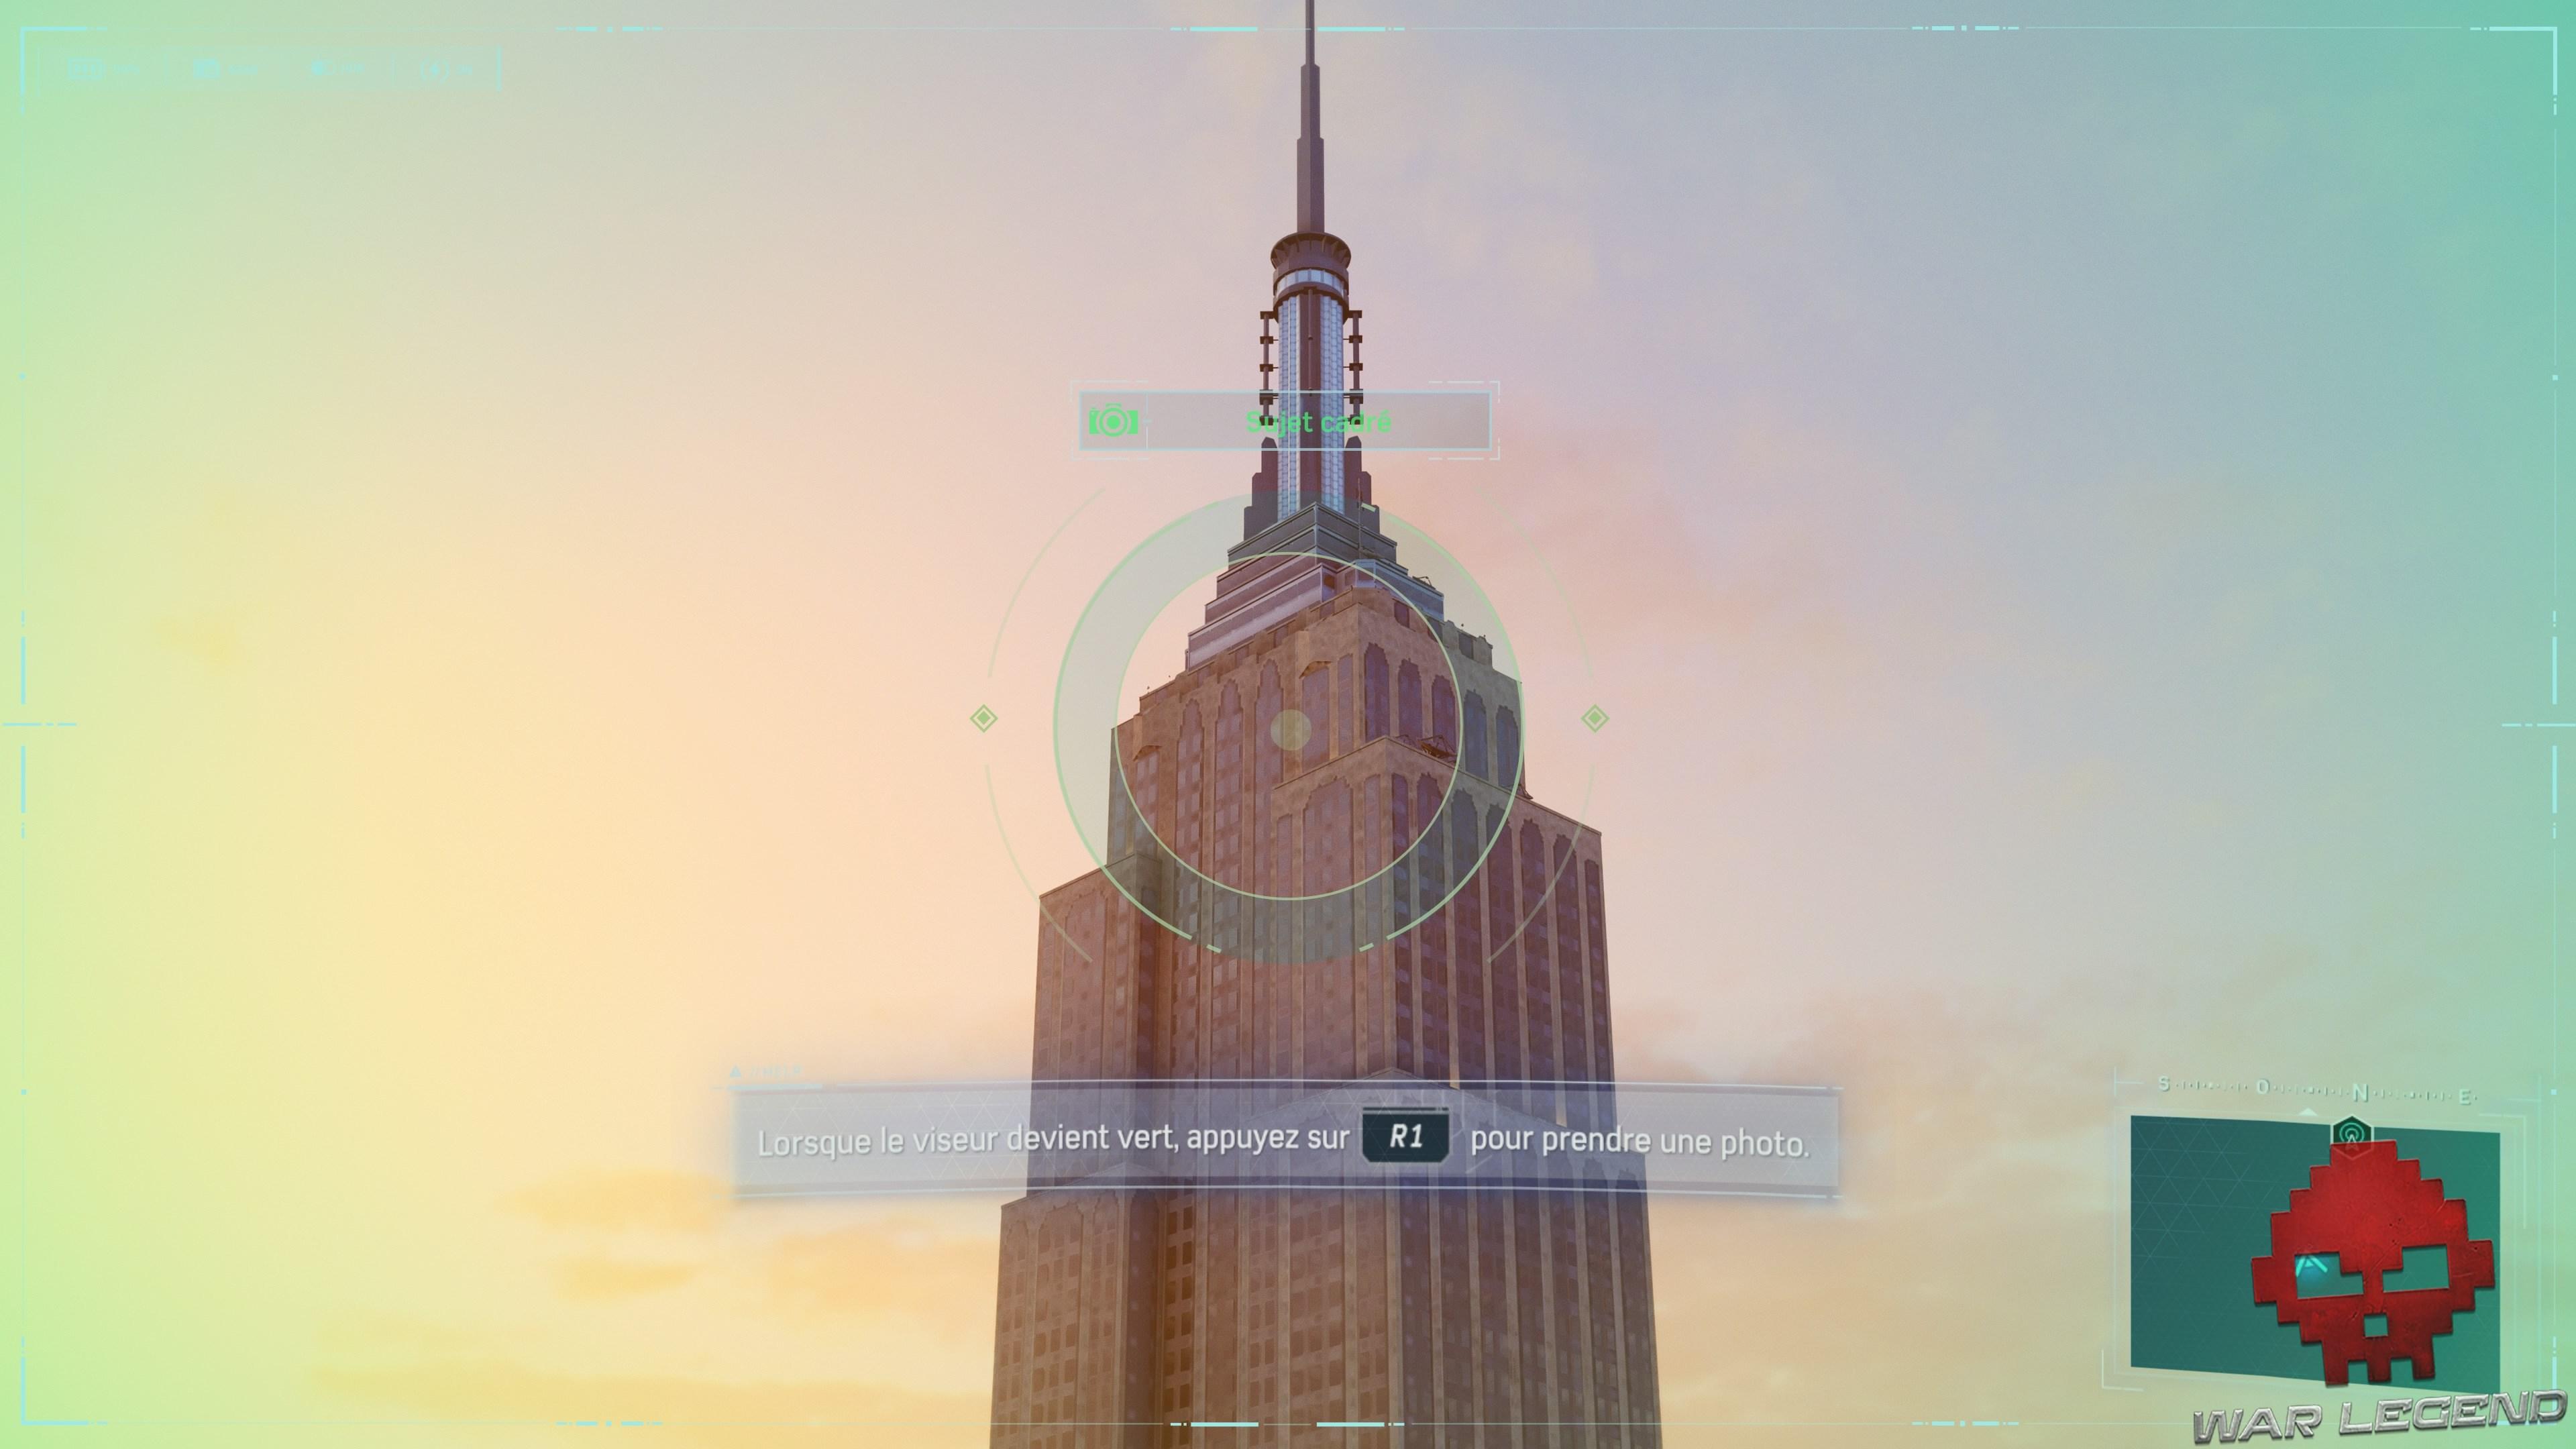 L'Empire State building est bien cadré dans l'appareil photo